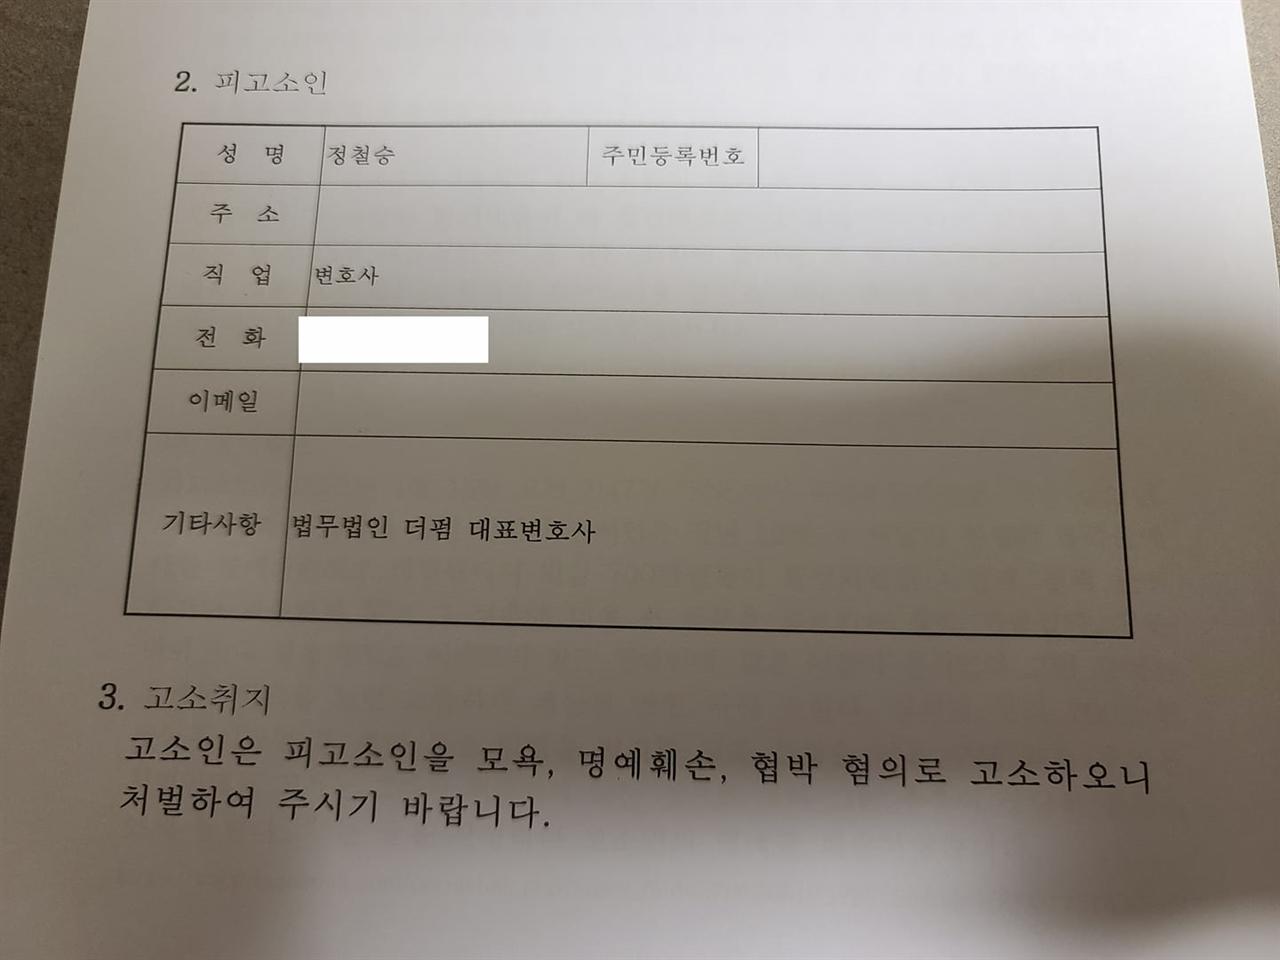 윤서인씨가 정철승 변호사를 고소했다며 올린 고소장